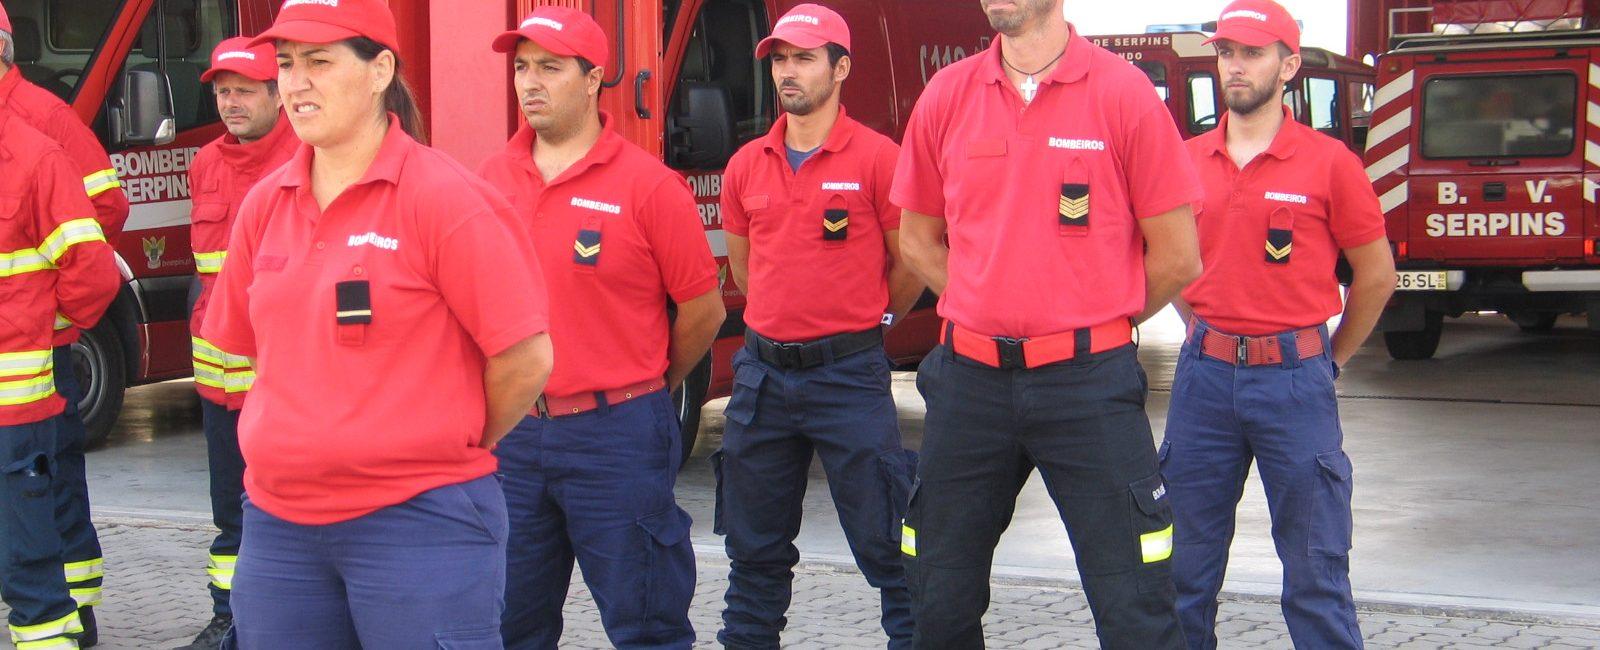 Equipa de Intervenção Permanente (EIP) dos Bombeiros de Serpins já está em funções